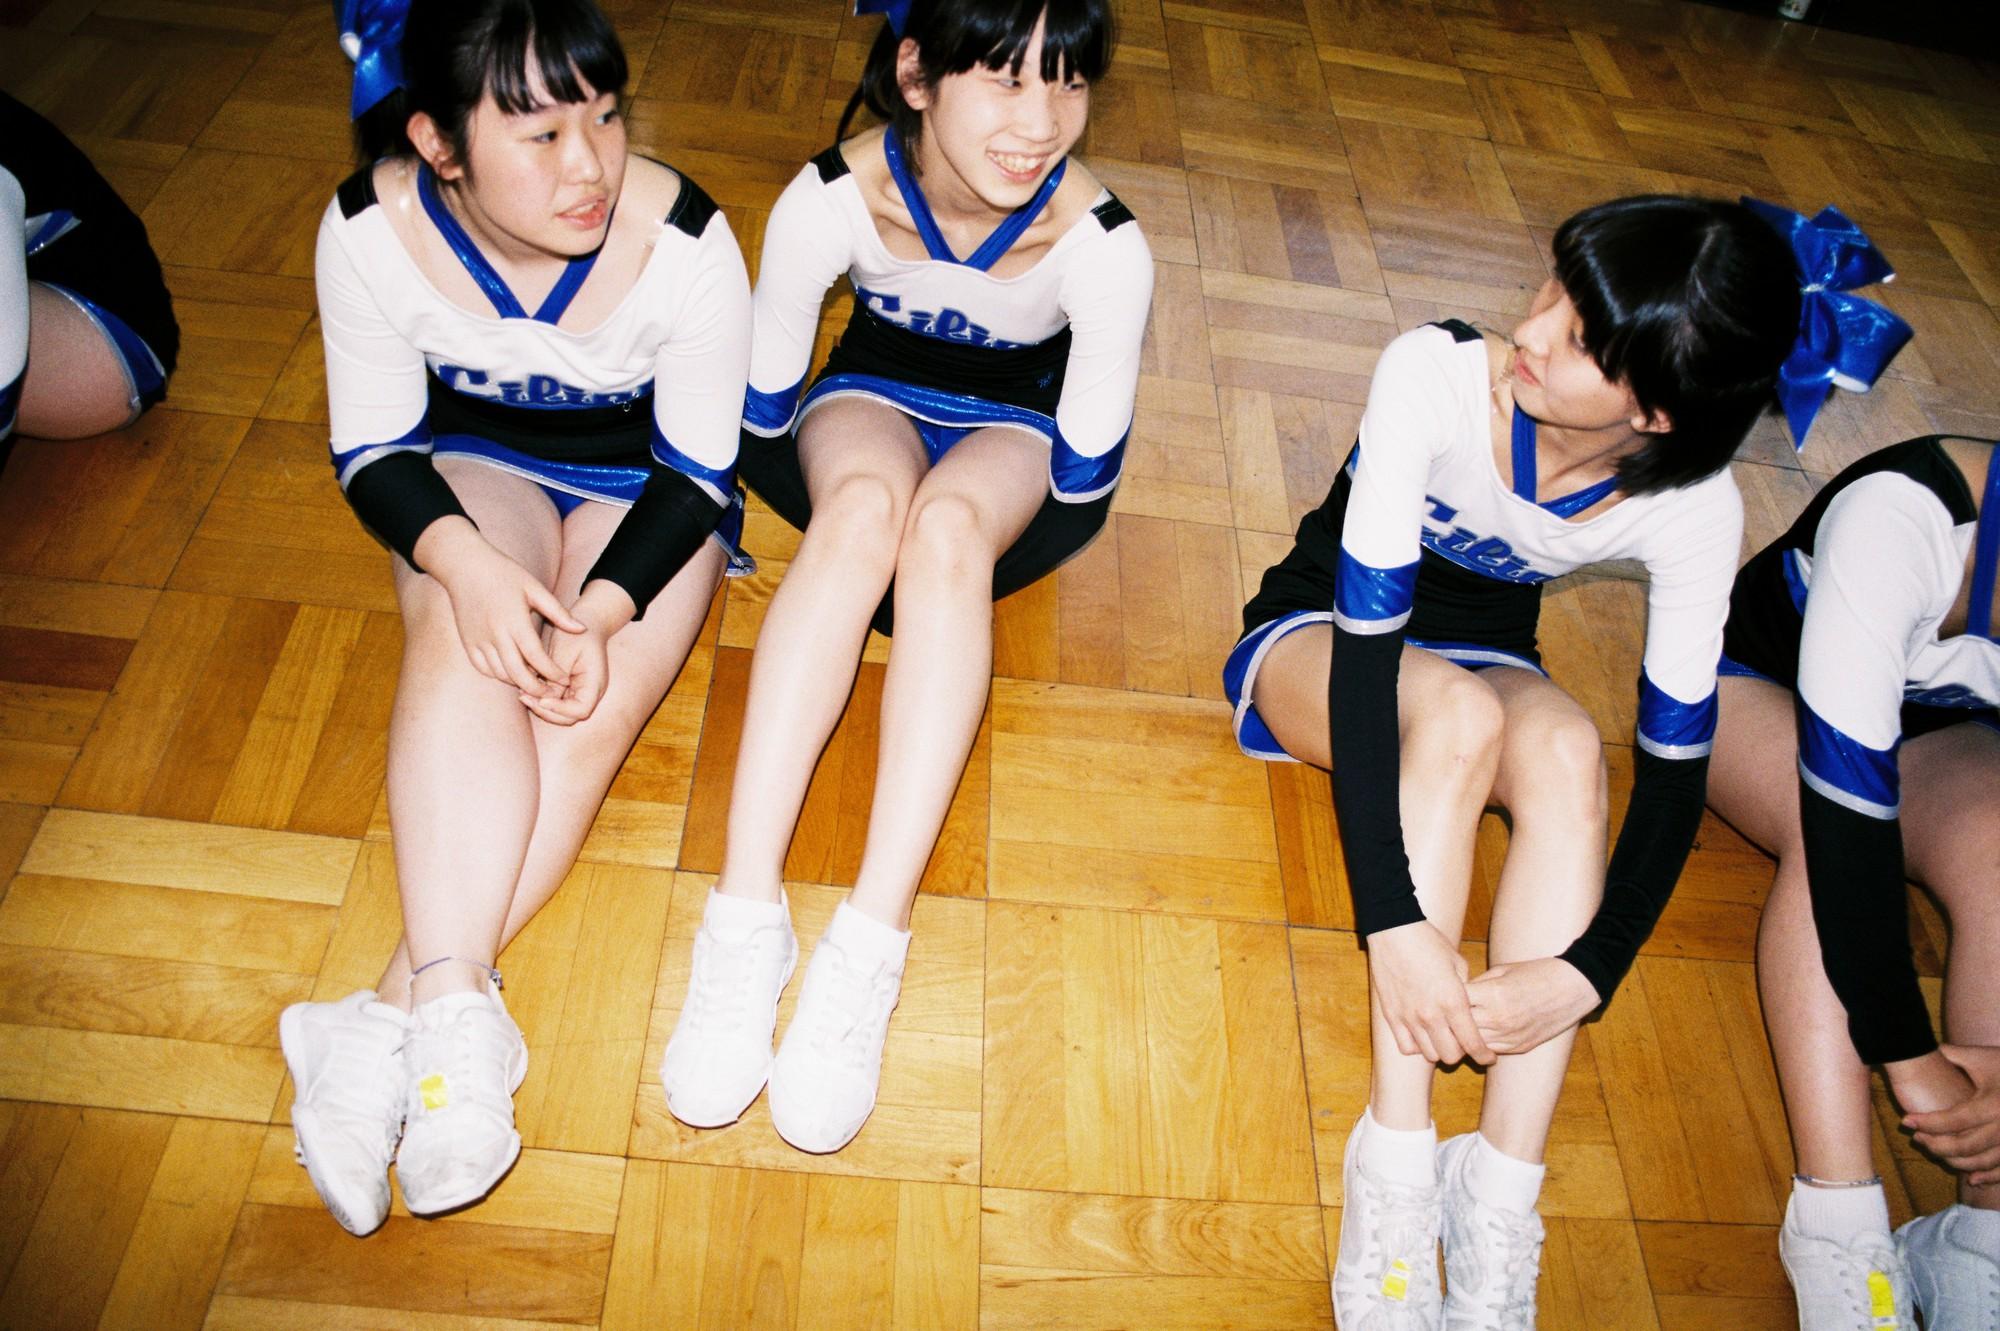 Bộ ảnh độc đáo lột tả cuộc sống nữ sinh trung học Nhật Bản những giờ phút bên ngoài giảng đường - Ảnh 3.